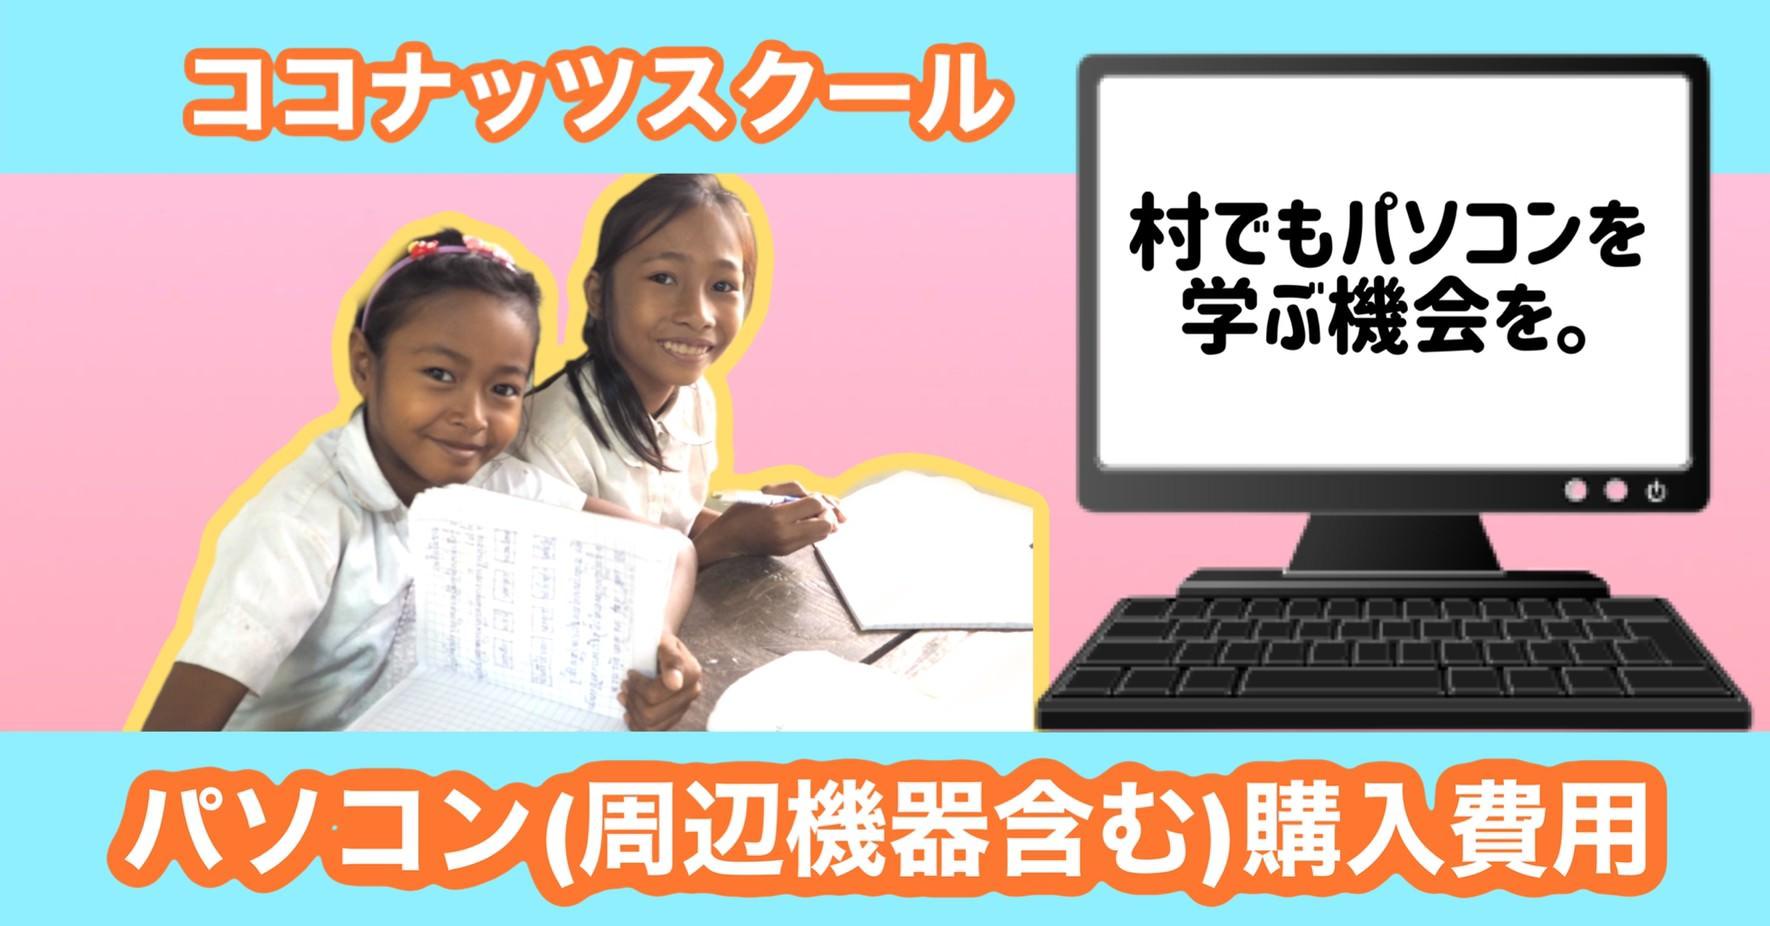 スポット 単発60,000円 × 4名[ココナッツスクール]パソコン(周辺機器含む)購入費用